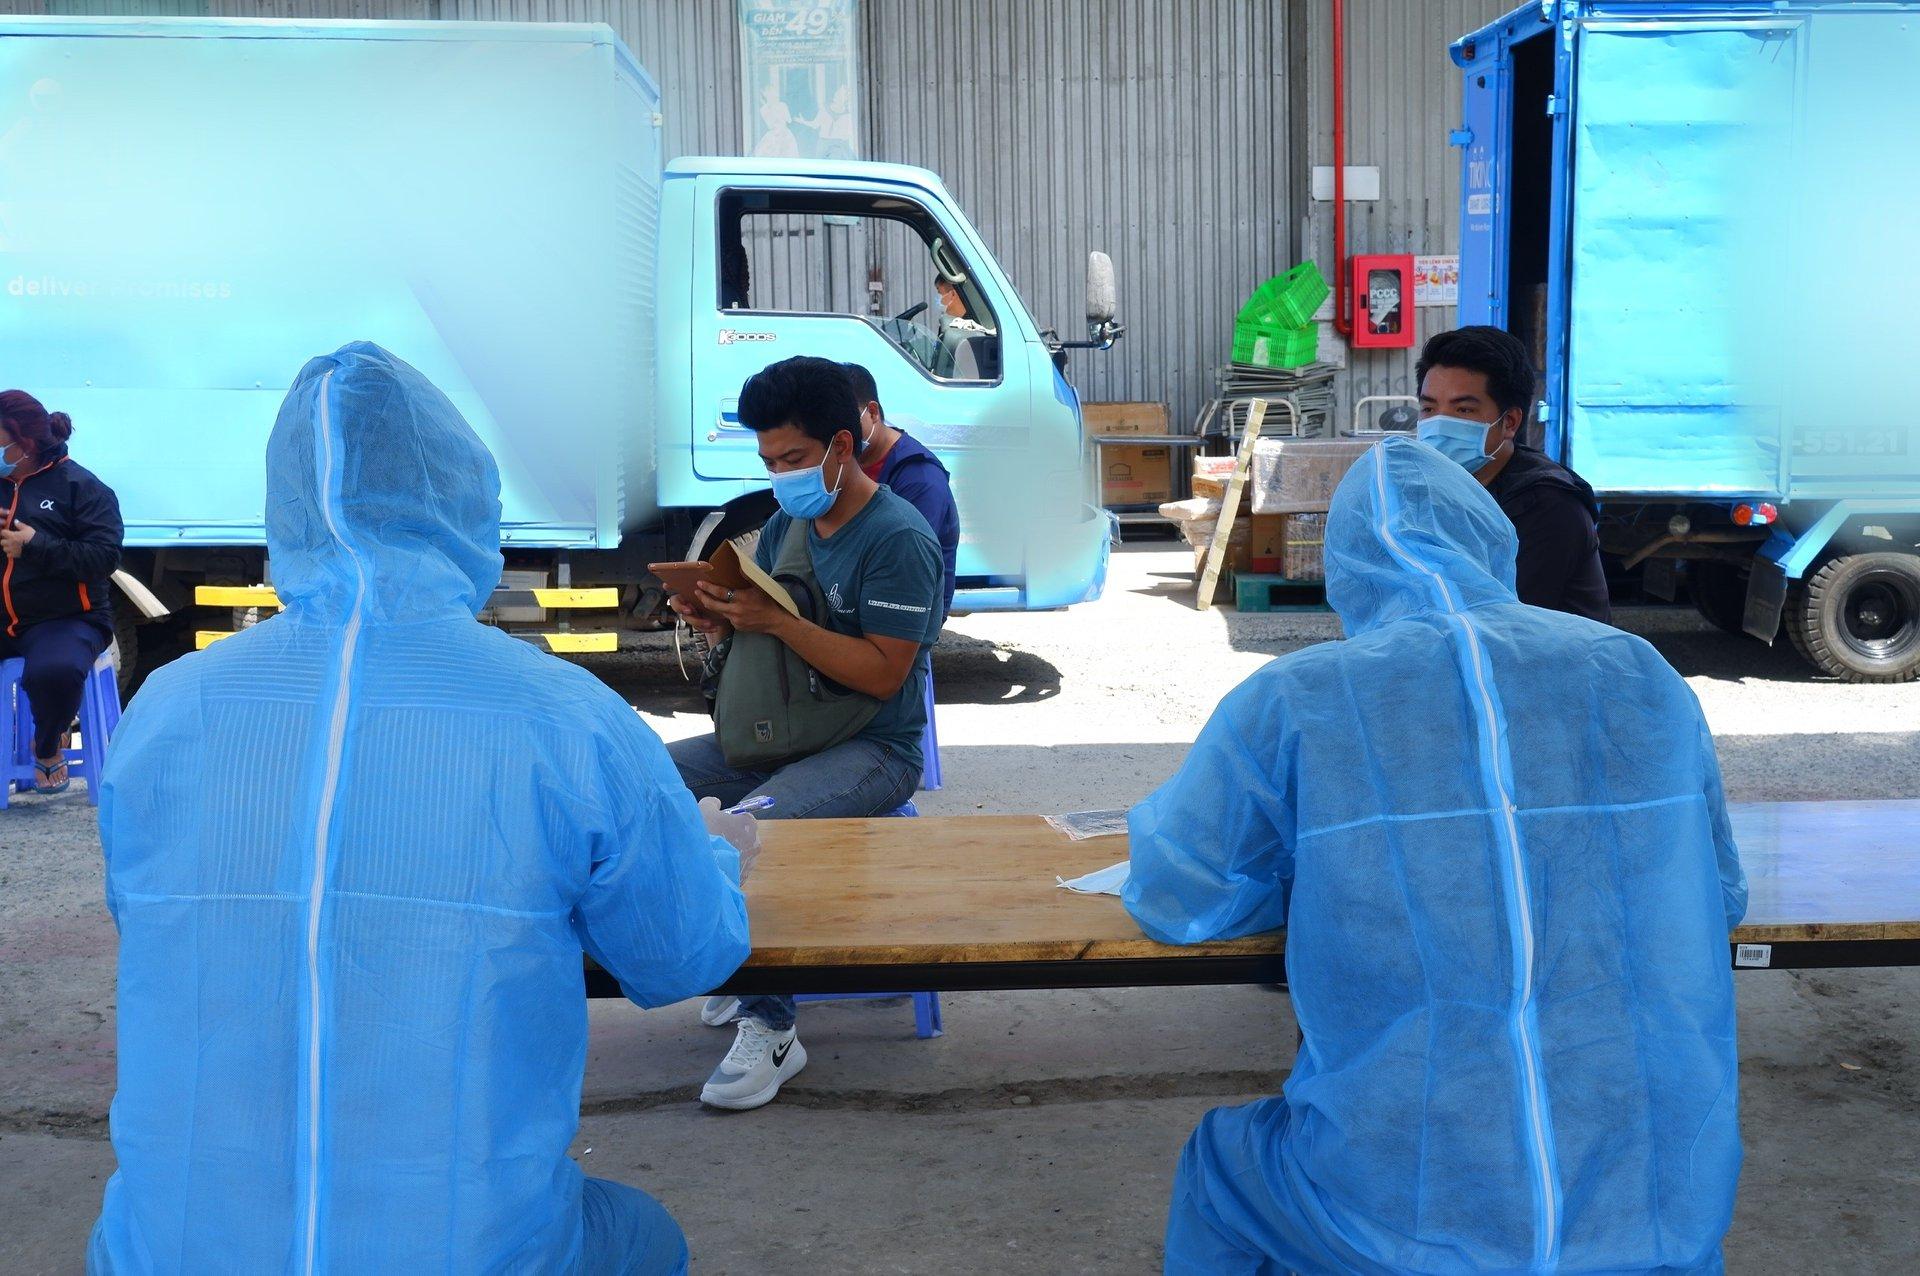 Nhân viên kho hàng ở khu công nghiệp Vĩnh Lộc được sàng lọc, lấy mẫu xét nghiệm SARS-CoV-2